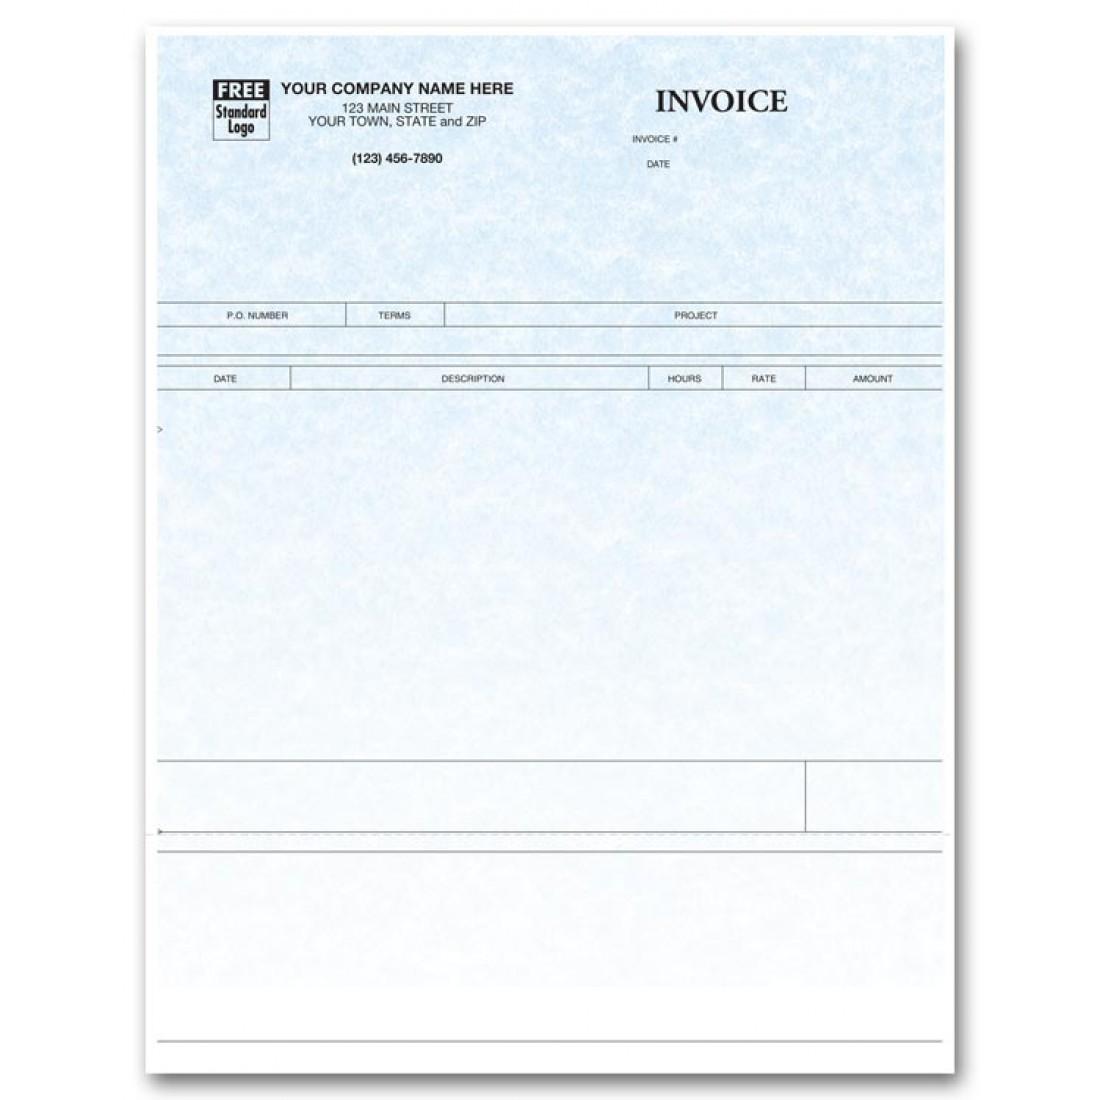 Laser Service Invoice - Parchment